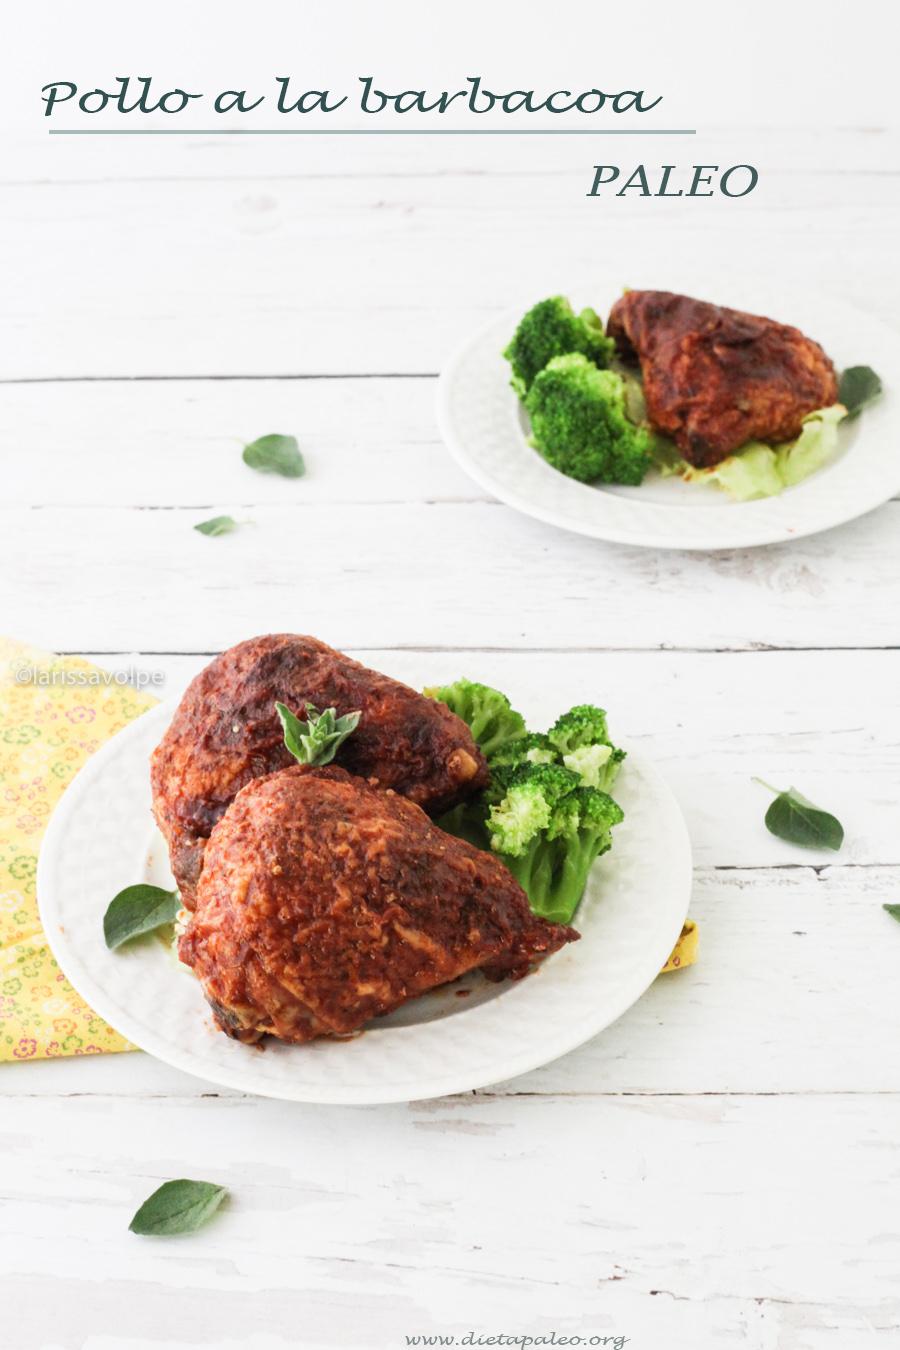 pollo-a-la-barbacoa-paleo